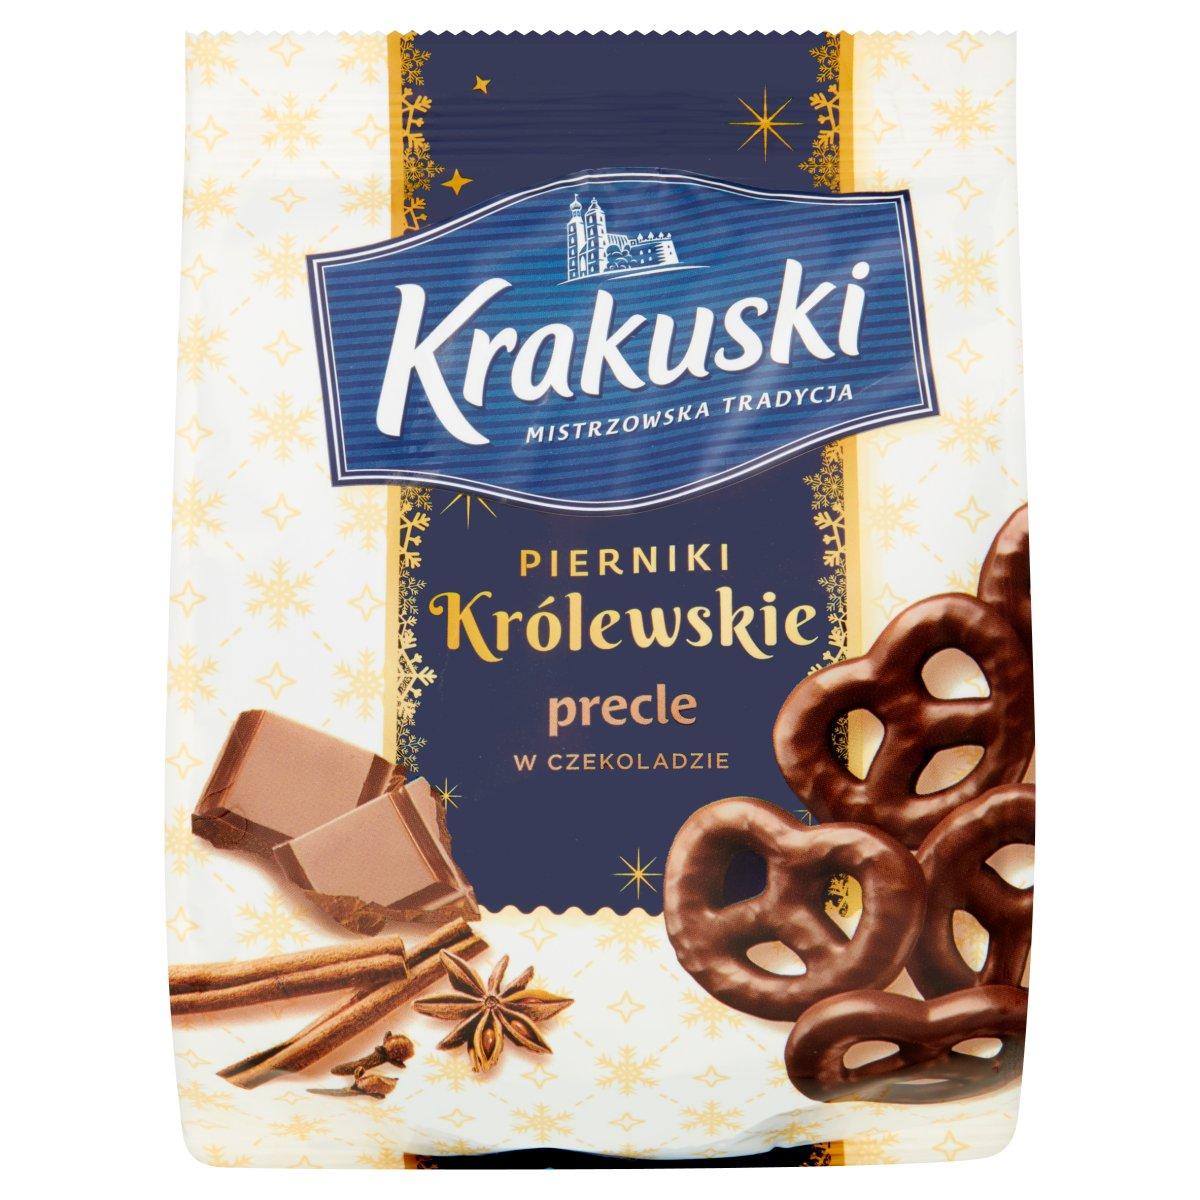 Krakuski Pierniki Królewskie Precle w czekoladzie 150g